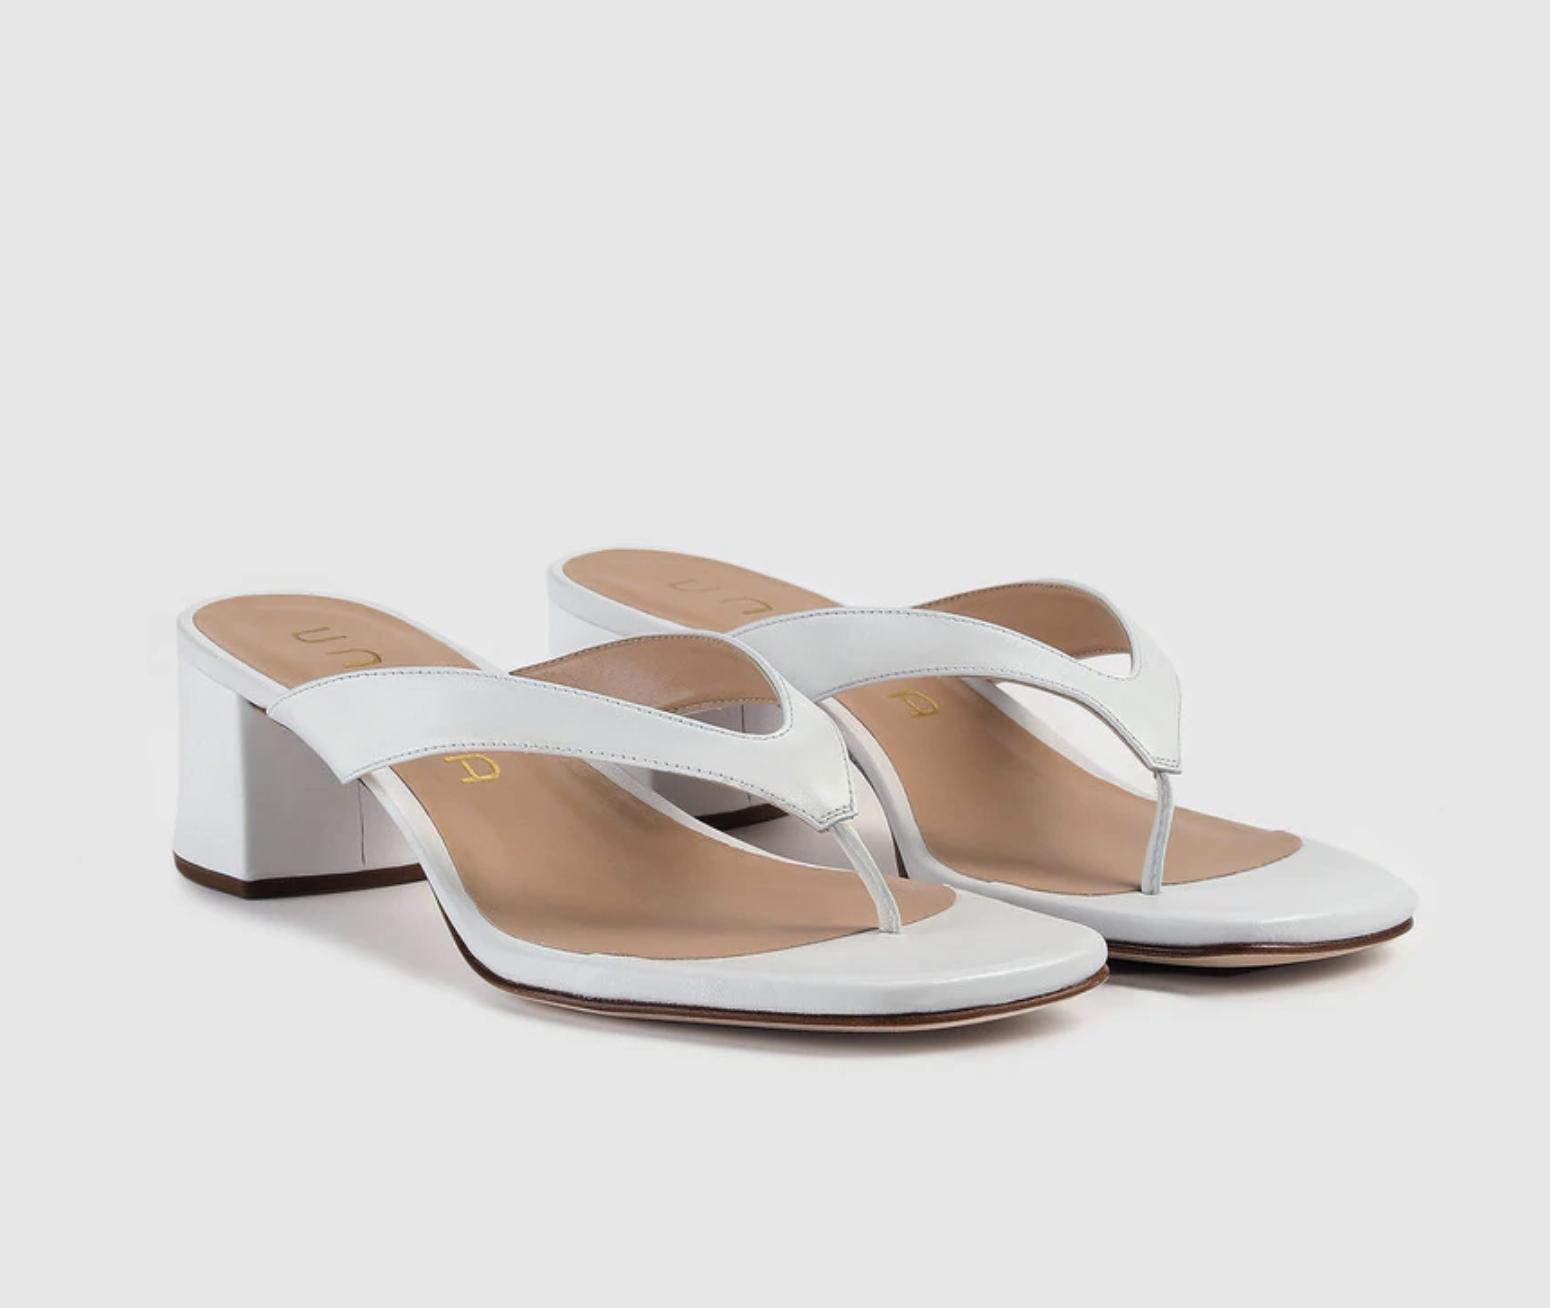 Sandalias de tacón de muejr Unisa de piel en color blanco